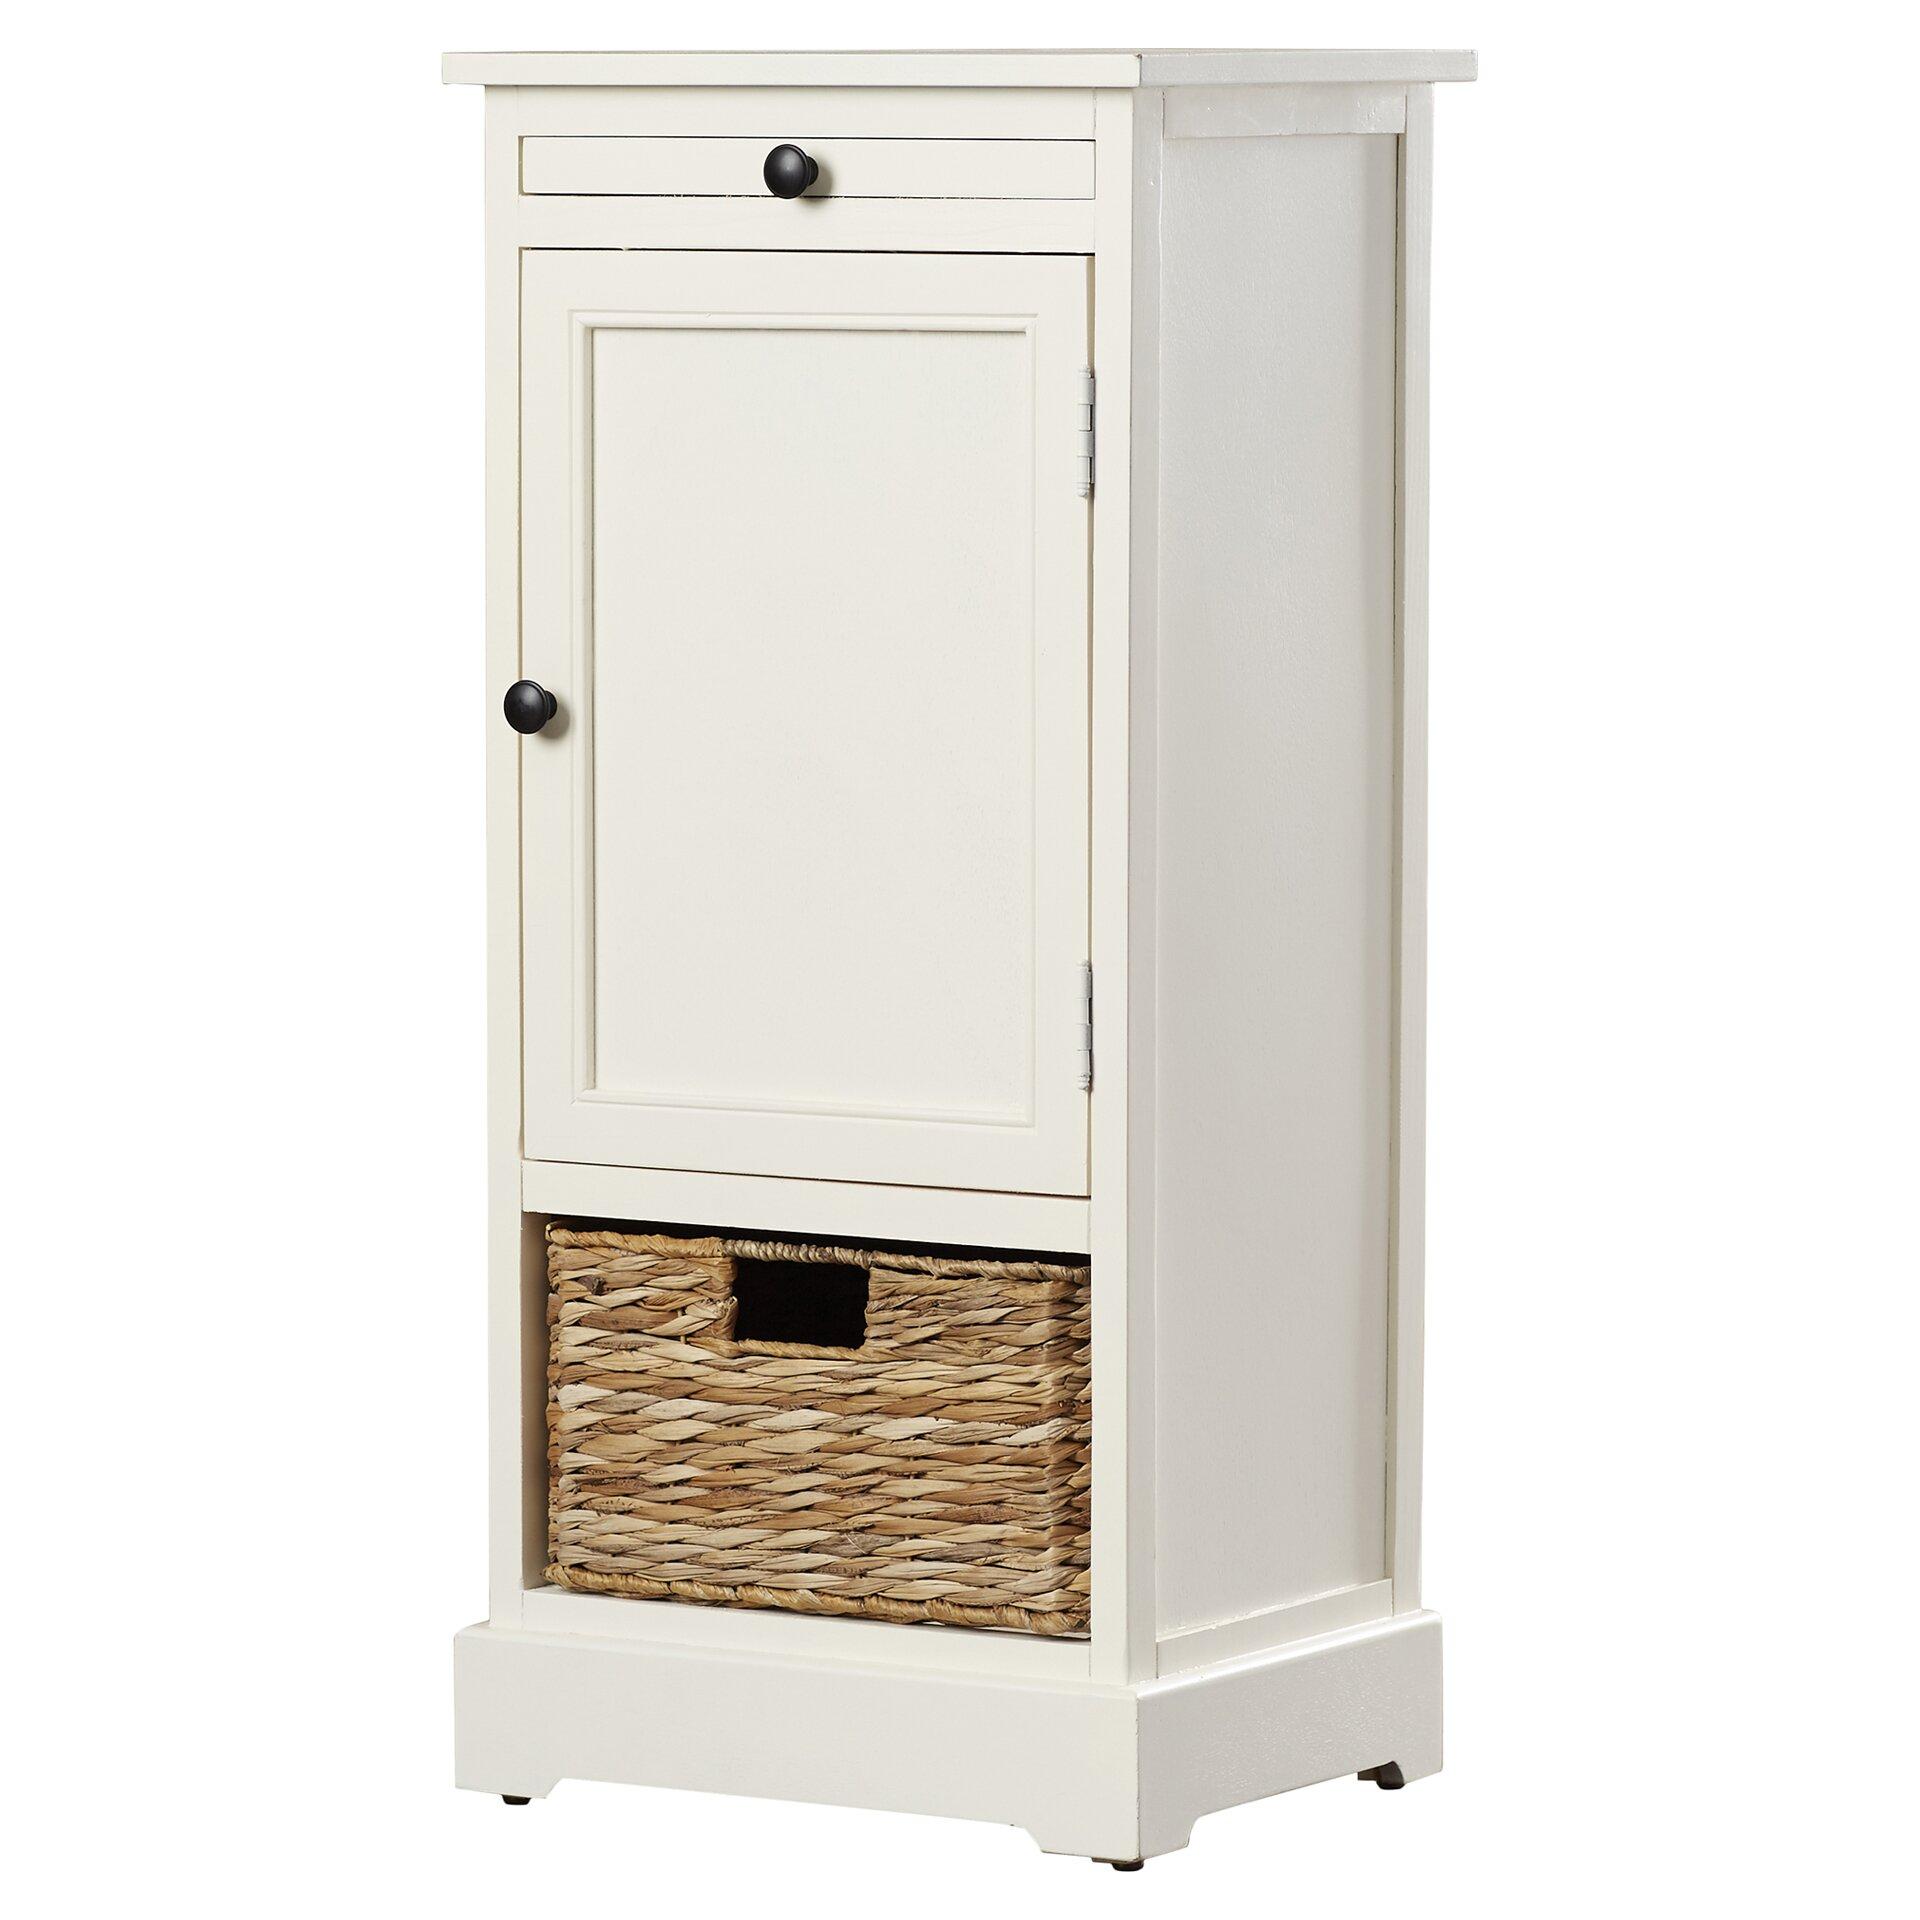 Beachcrest home blaclava 1 drawer storage cabinet for Wayfair kitchen cabinets